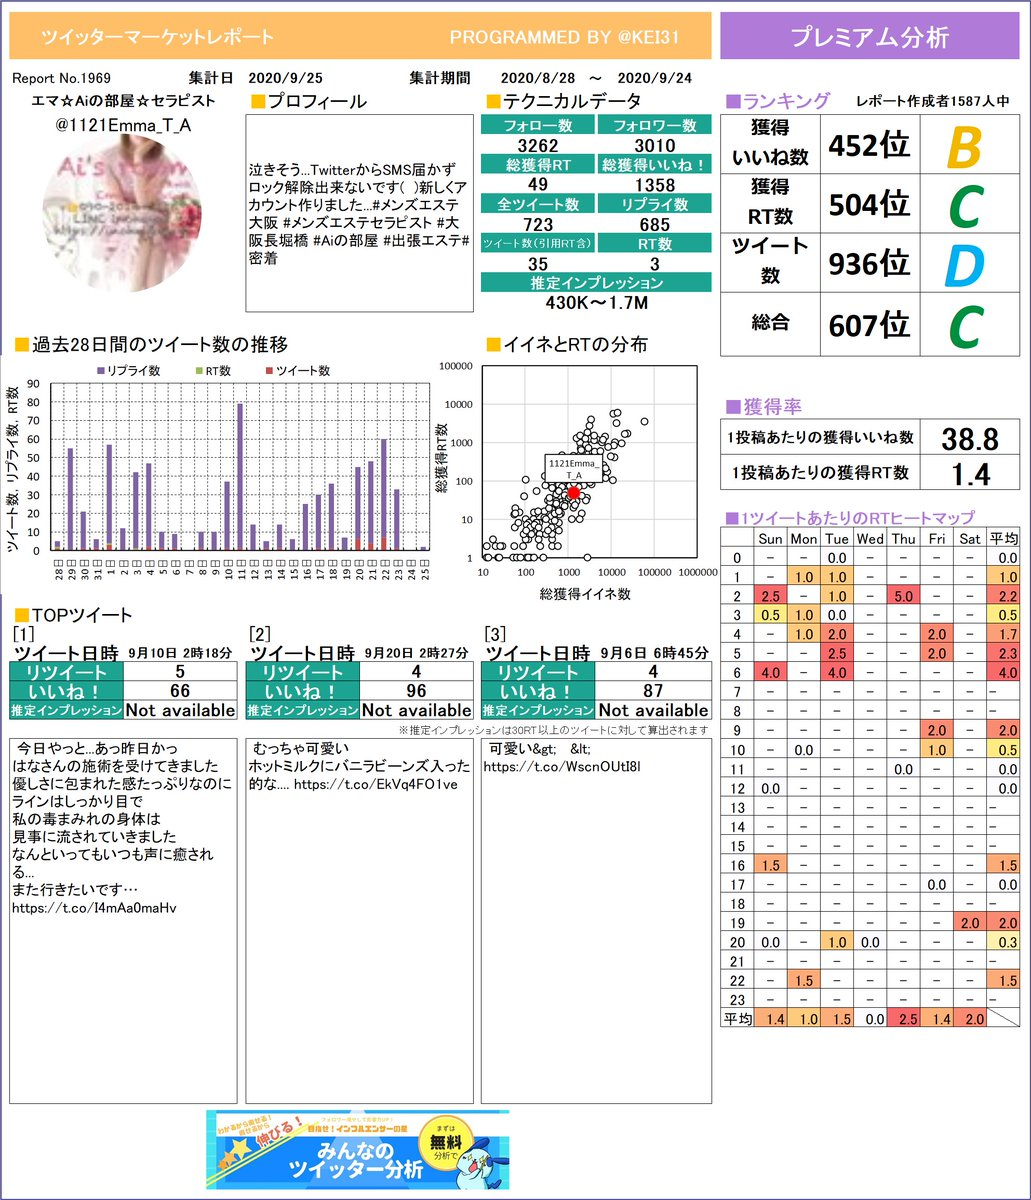 @1121Emma_T_A エマ☆Aiの部屋☆セラピストさんのレポートを作成したよ!どのツイートが一番でしたか?参考にしてもう一度つぶやくのもありですよ!プレミアム版もあるよ≫